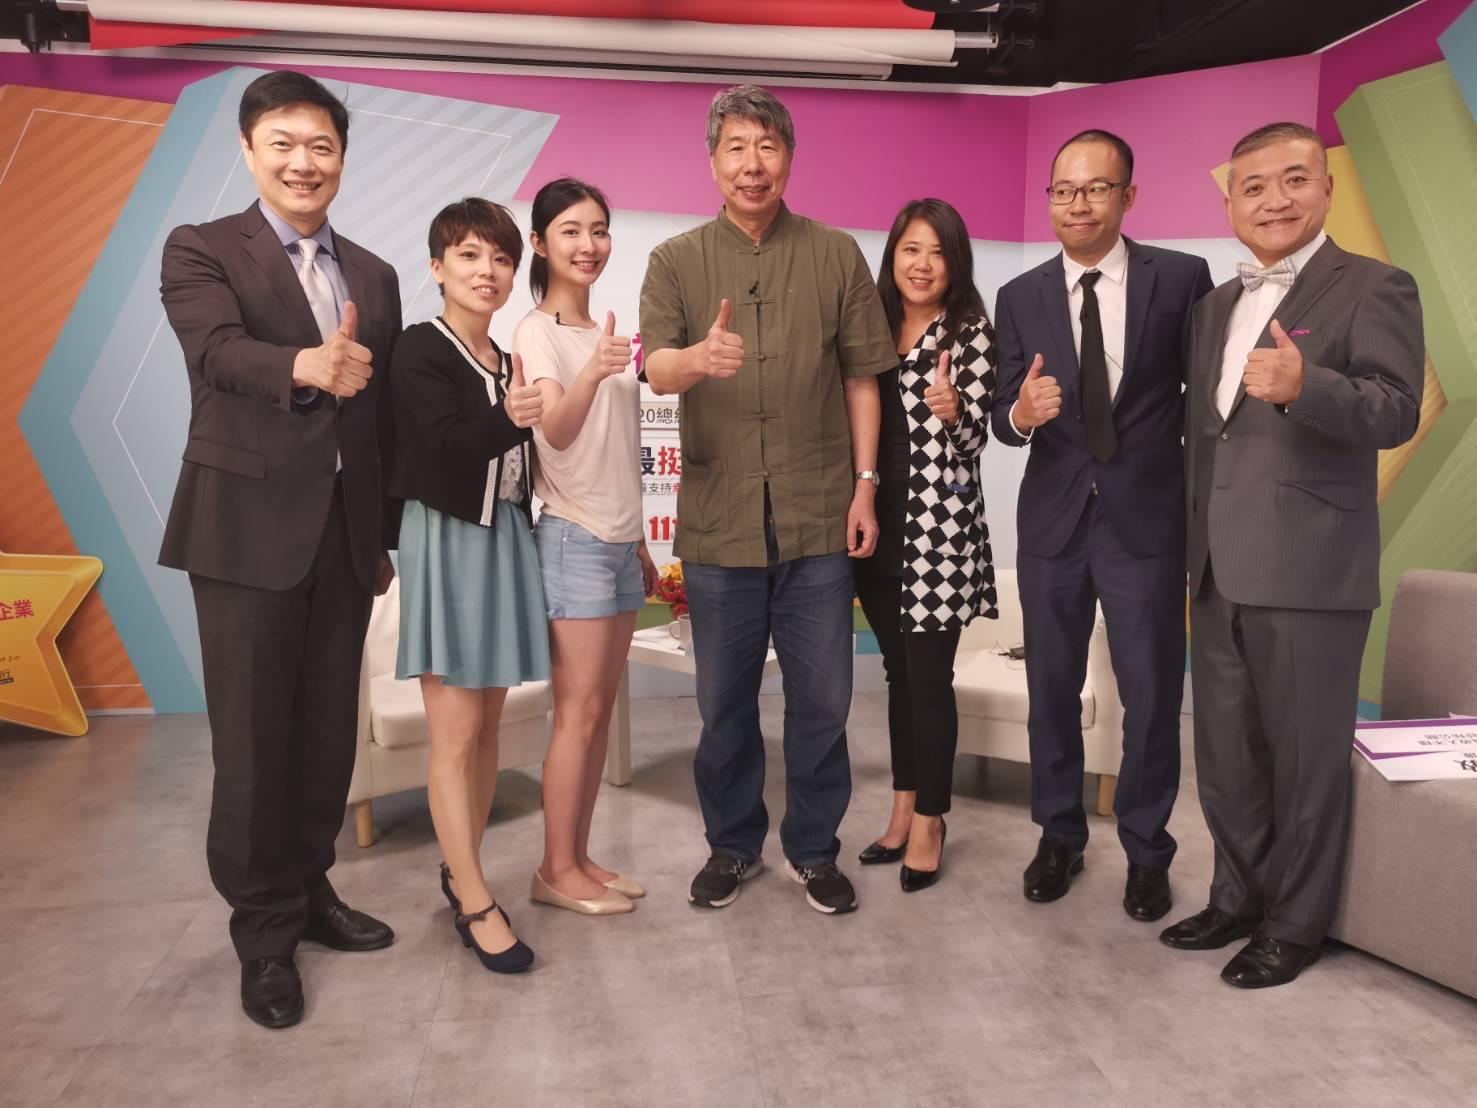 總統參選人張亞中赴1111直播 倡議和平、開放、共治、均富、美德-1111